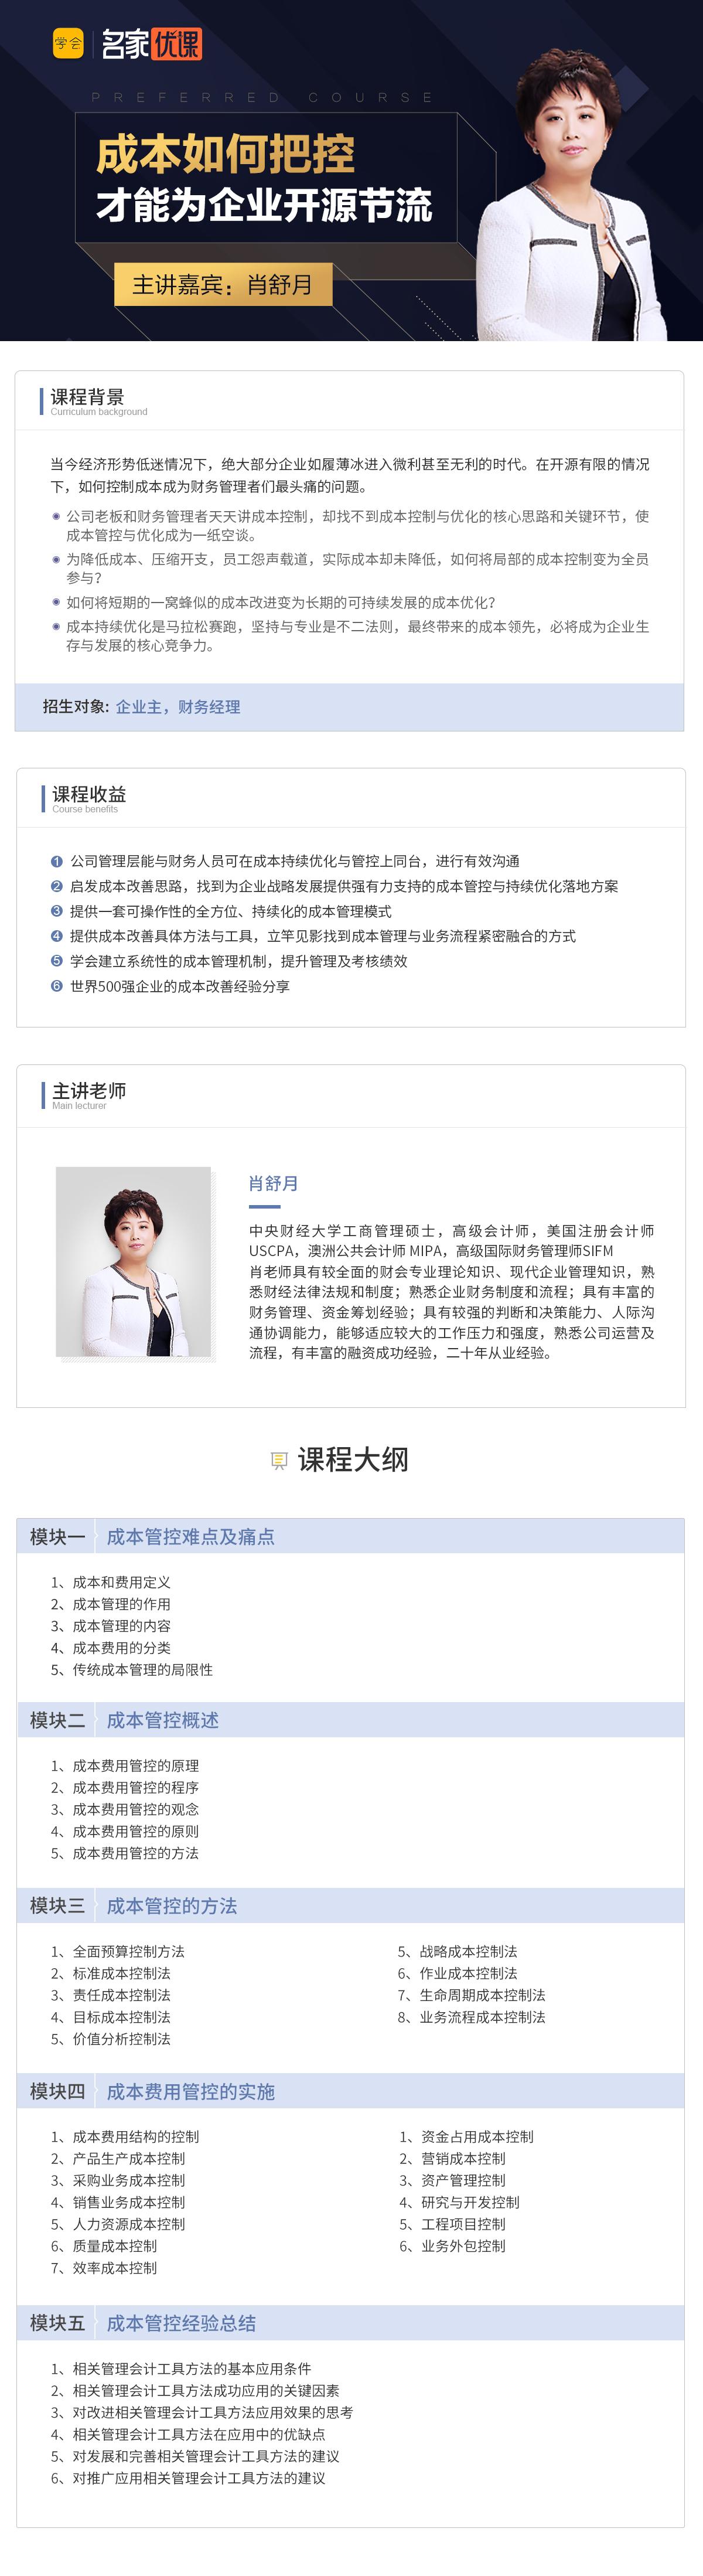 课程简章肖1200(1).jpg